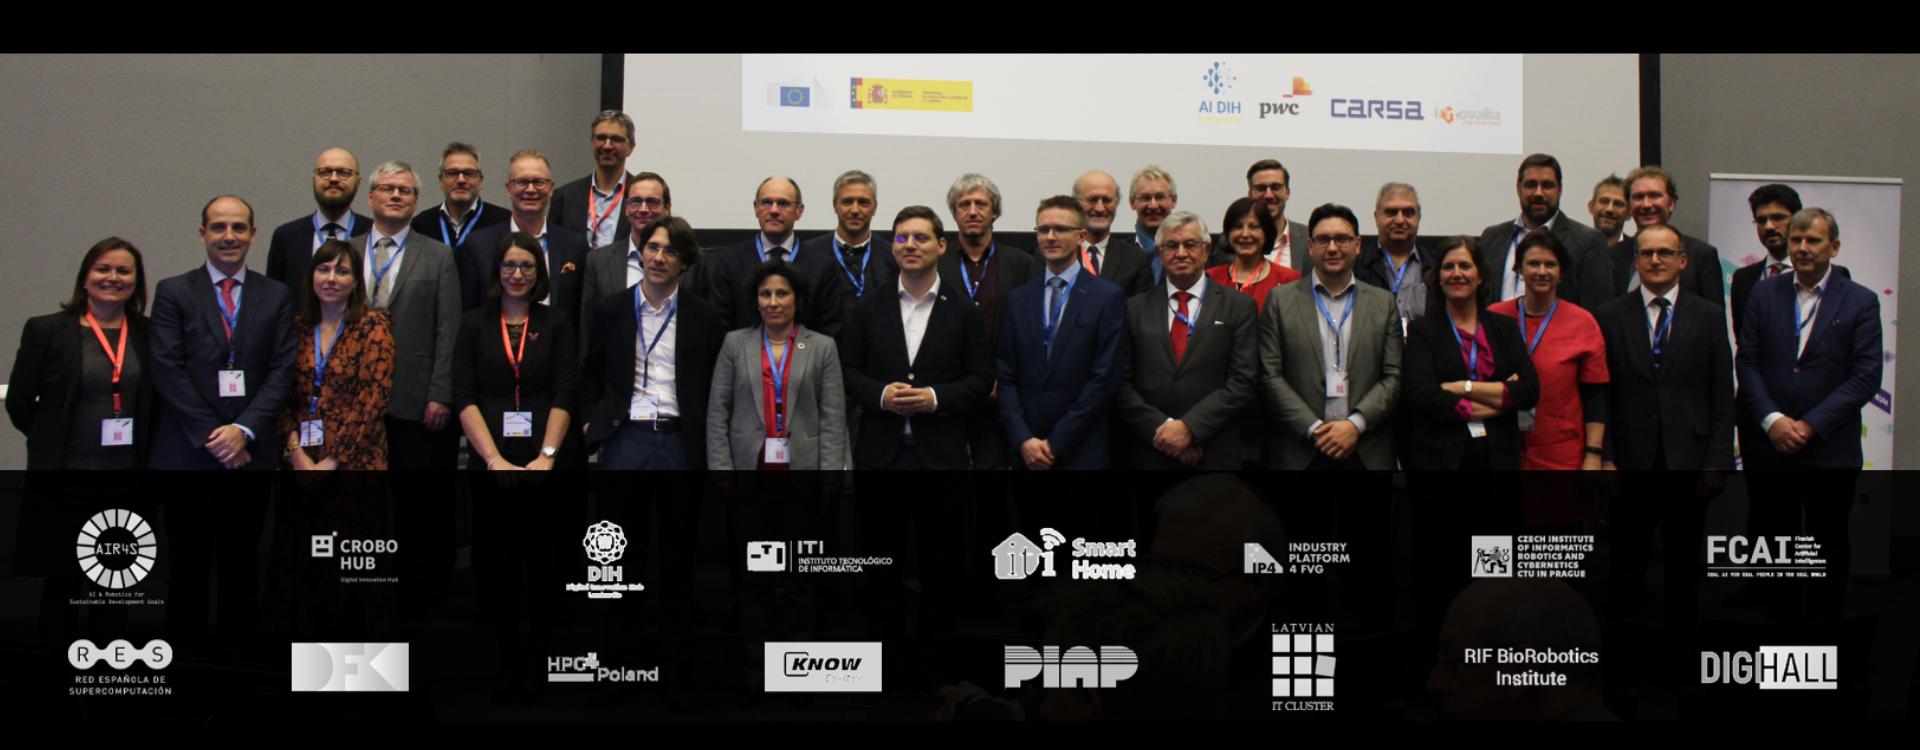 Le nuove politiche europee per la digital trasformation